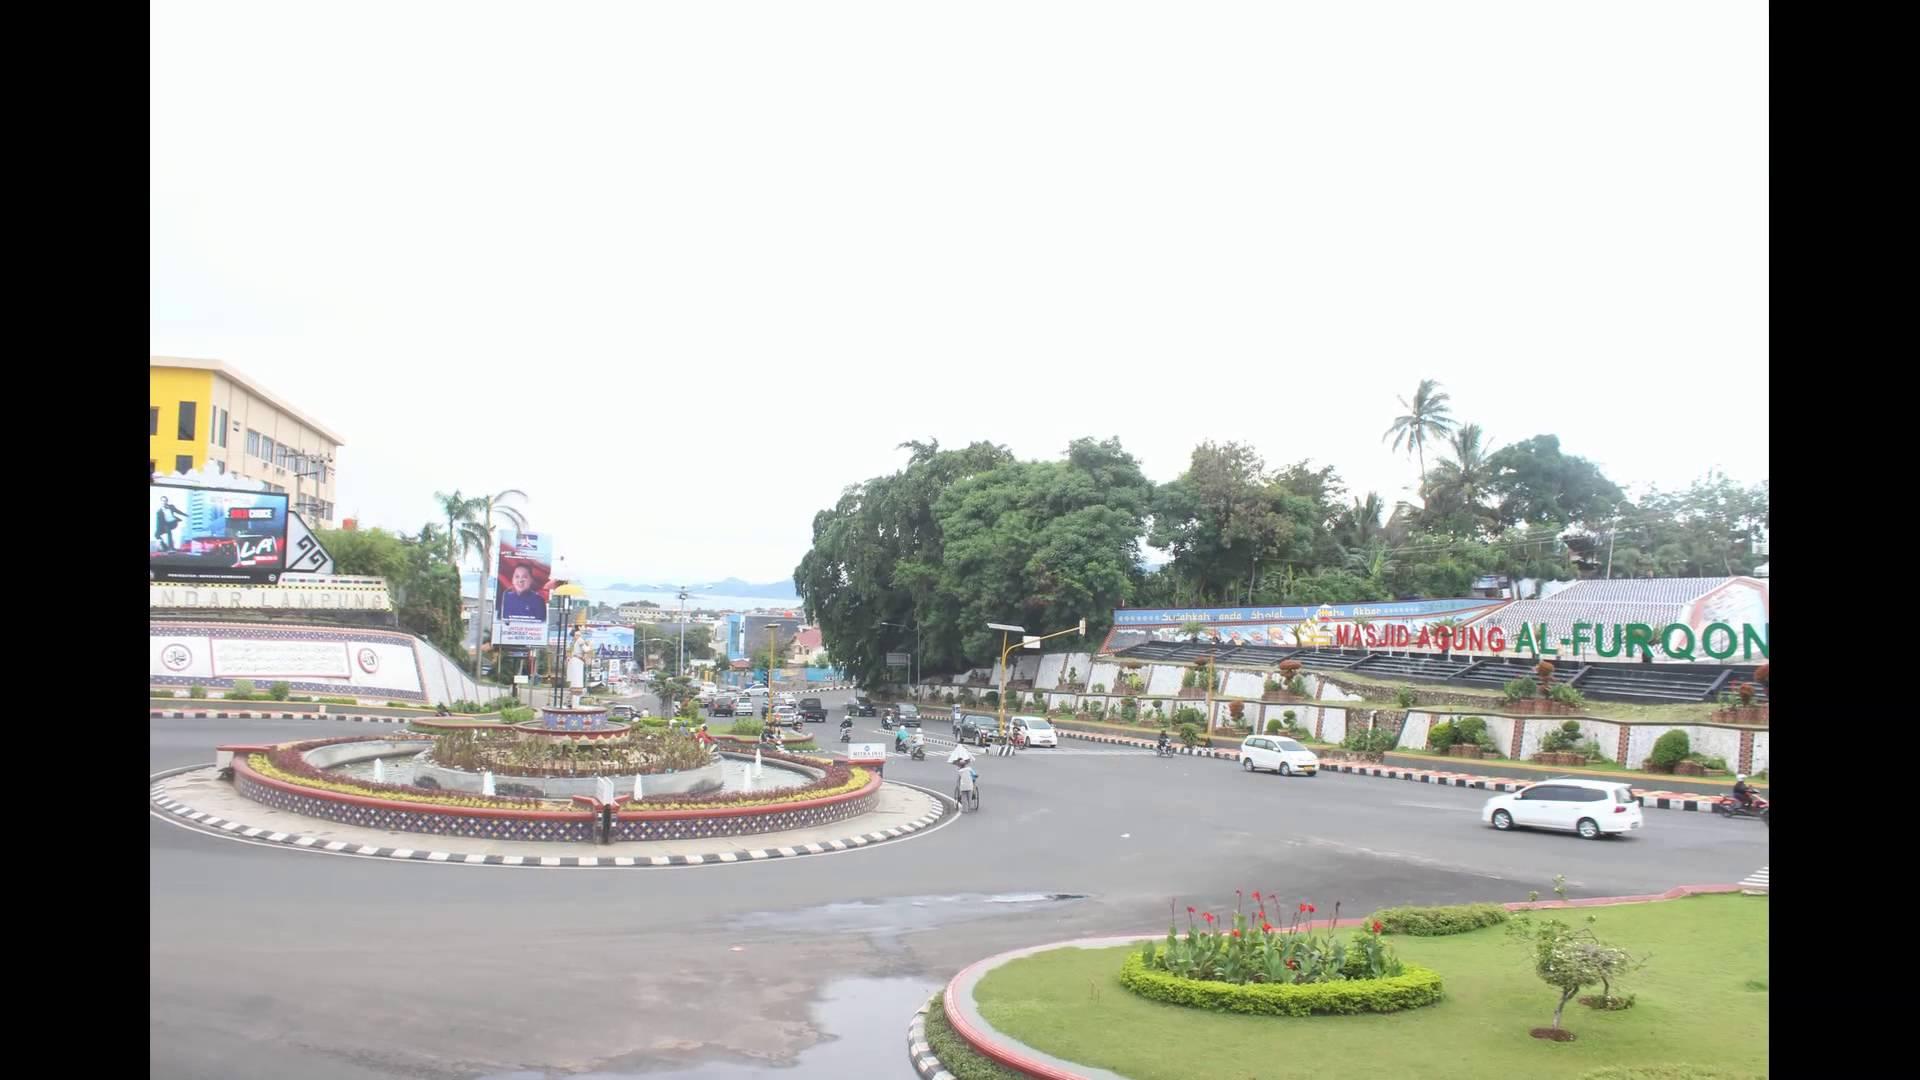 Bandar Lampung Timelapse Lungsir Youtube Taman Kota